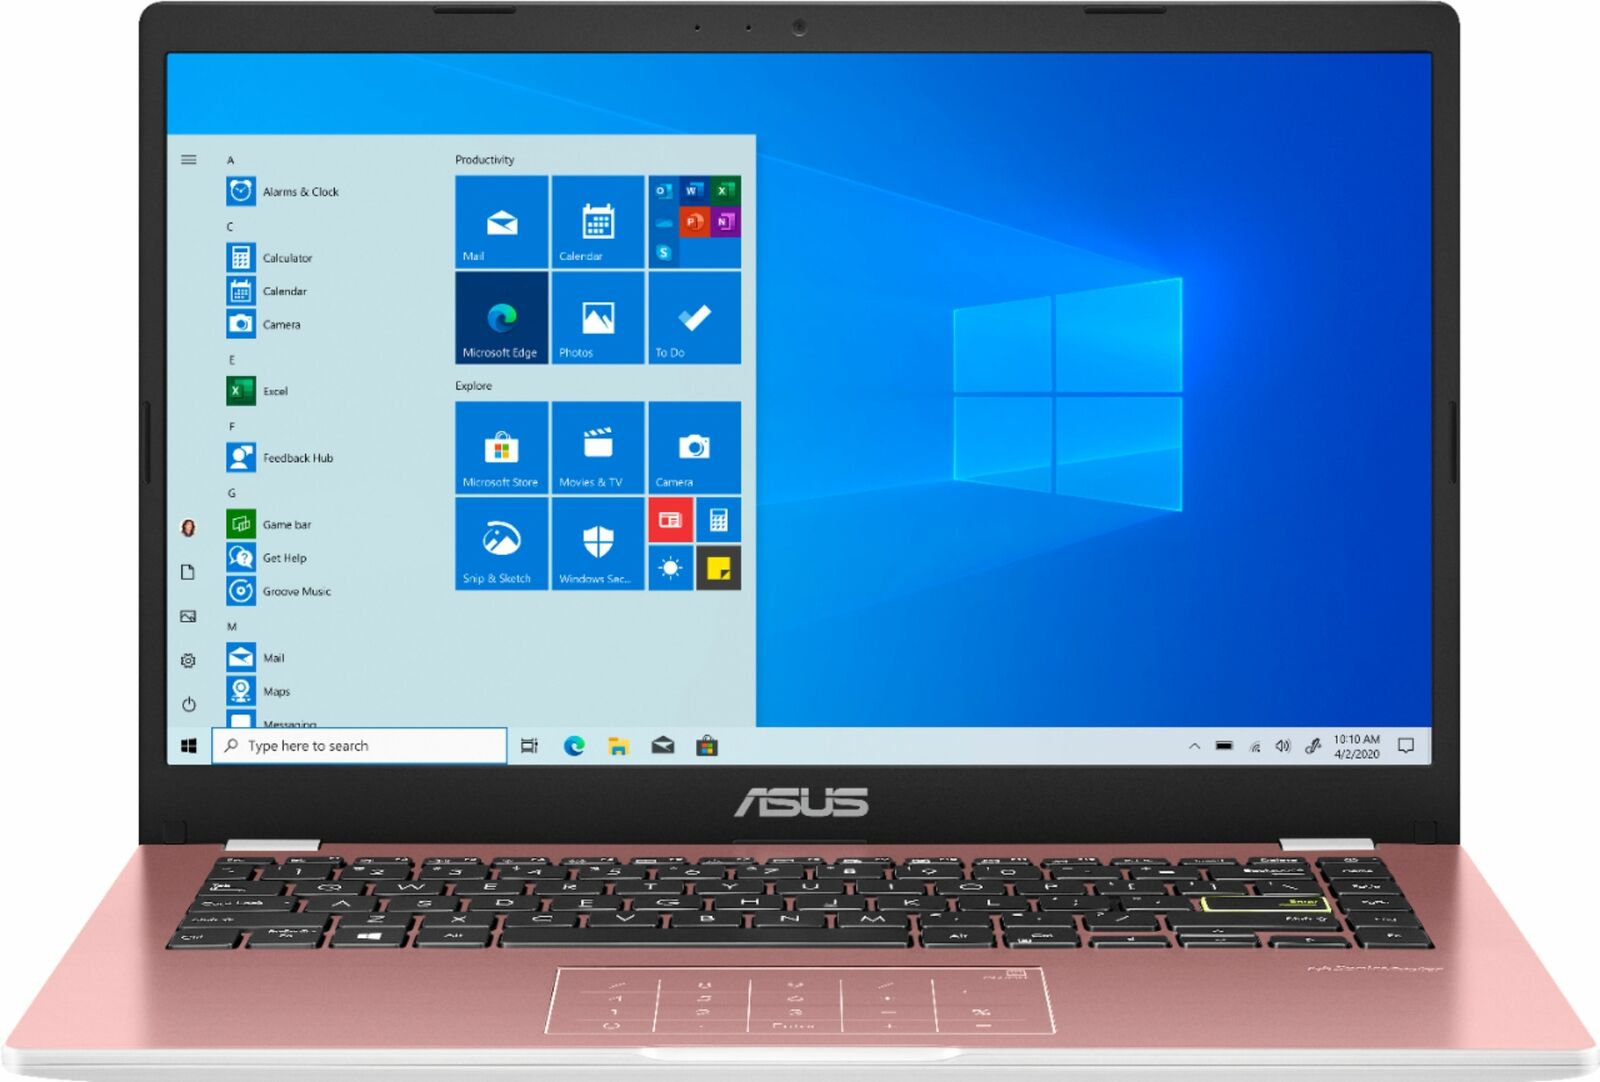 """ASUS - 14.0"""" Laptop - Intel Celeron N4020 - 4GB Memory - 128GB eMMC - Pink"""